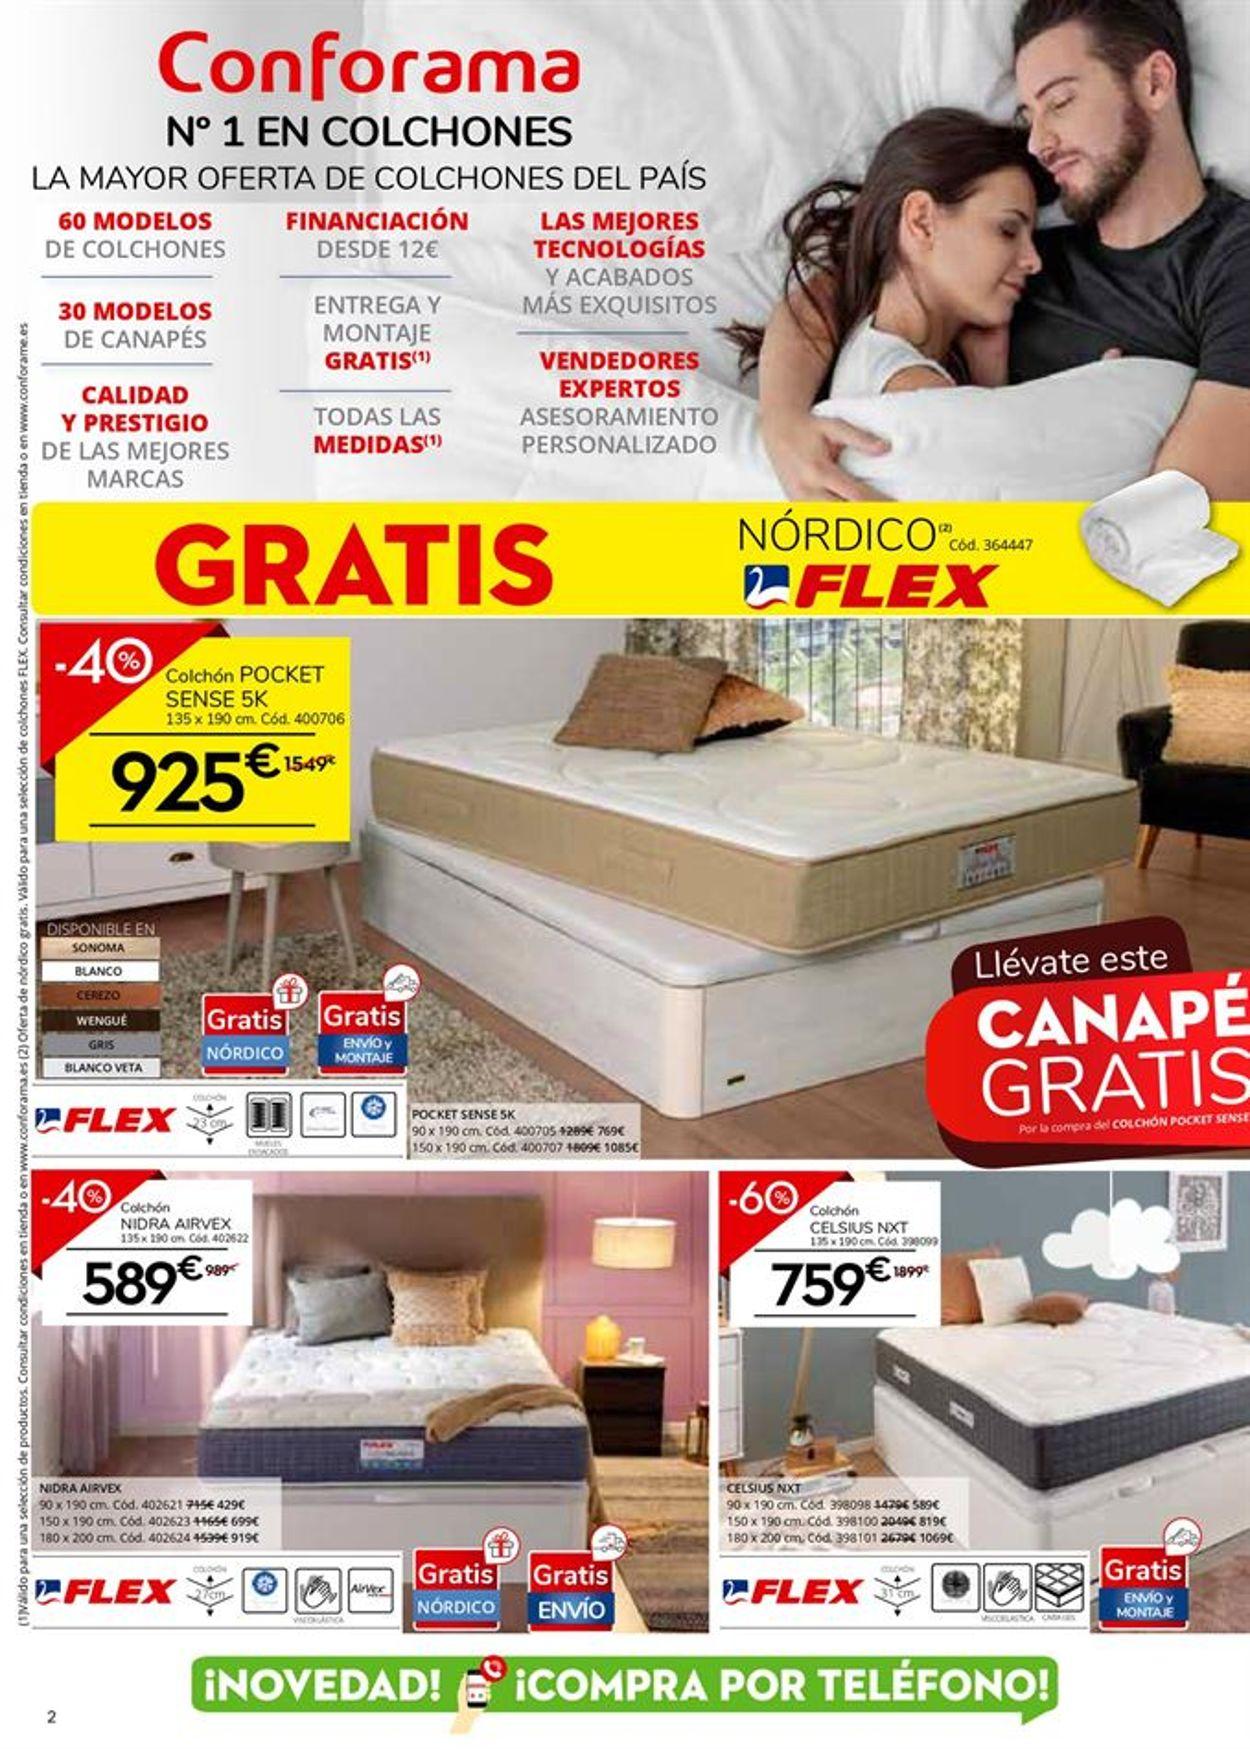 Conforama Colchones 2021 Folleto - 21.01-18.02.2021 (Página 2)